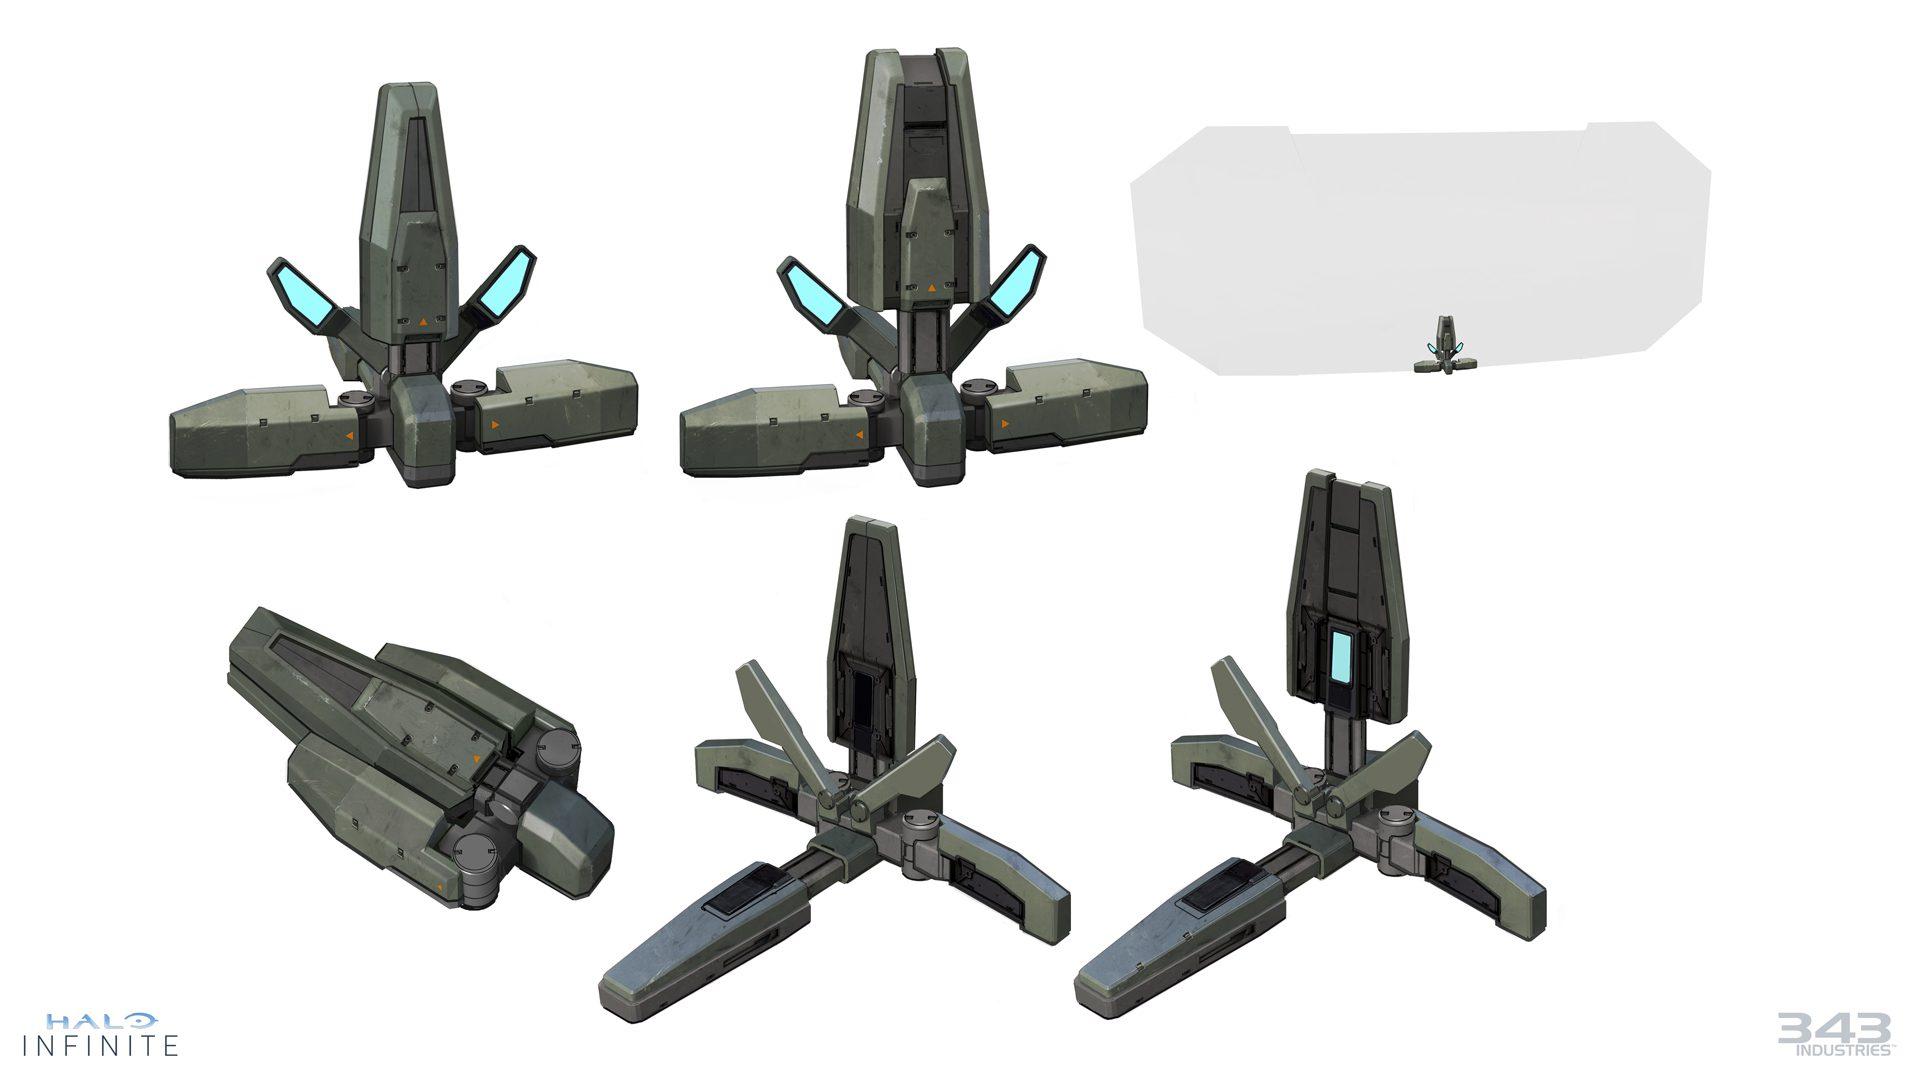 343 Industries habla del uso del equipamiento en Halo Infinite - 343 Industries ha mostrado nueva información sobre algunos aspectos de Halo Infinite como las armas, el equipamiento de combate, etc.